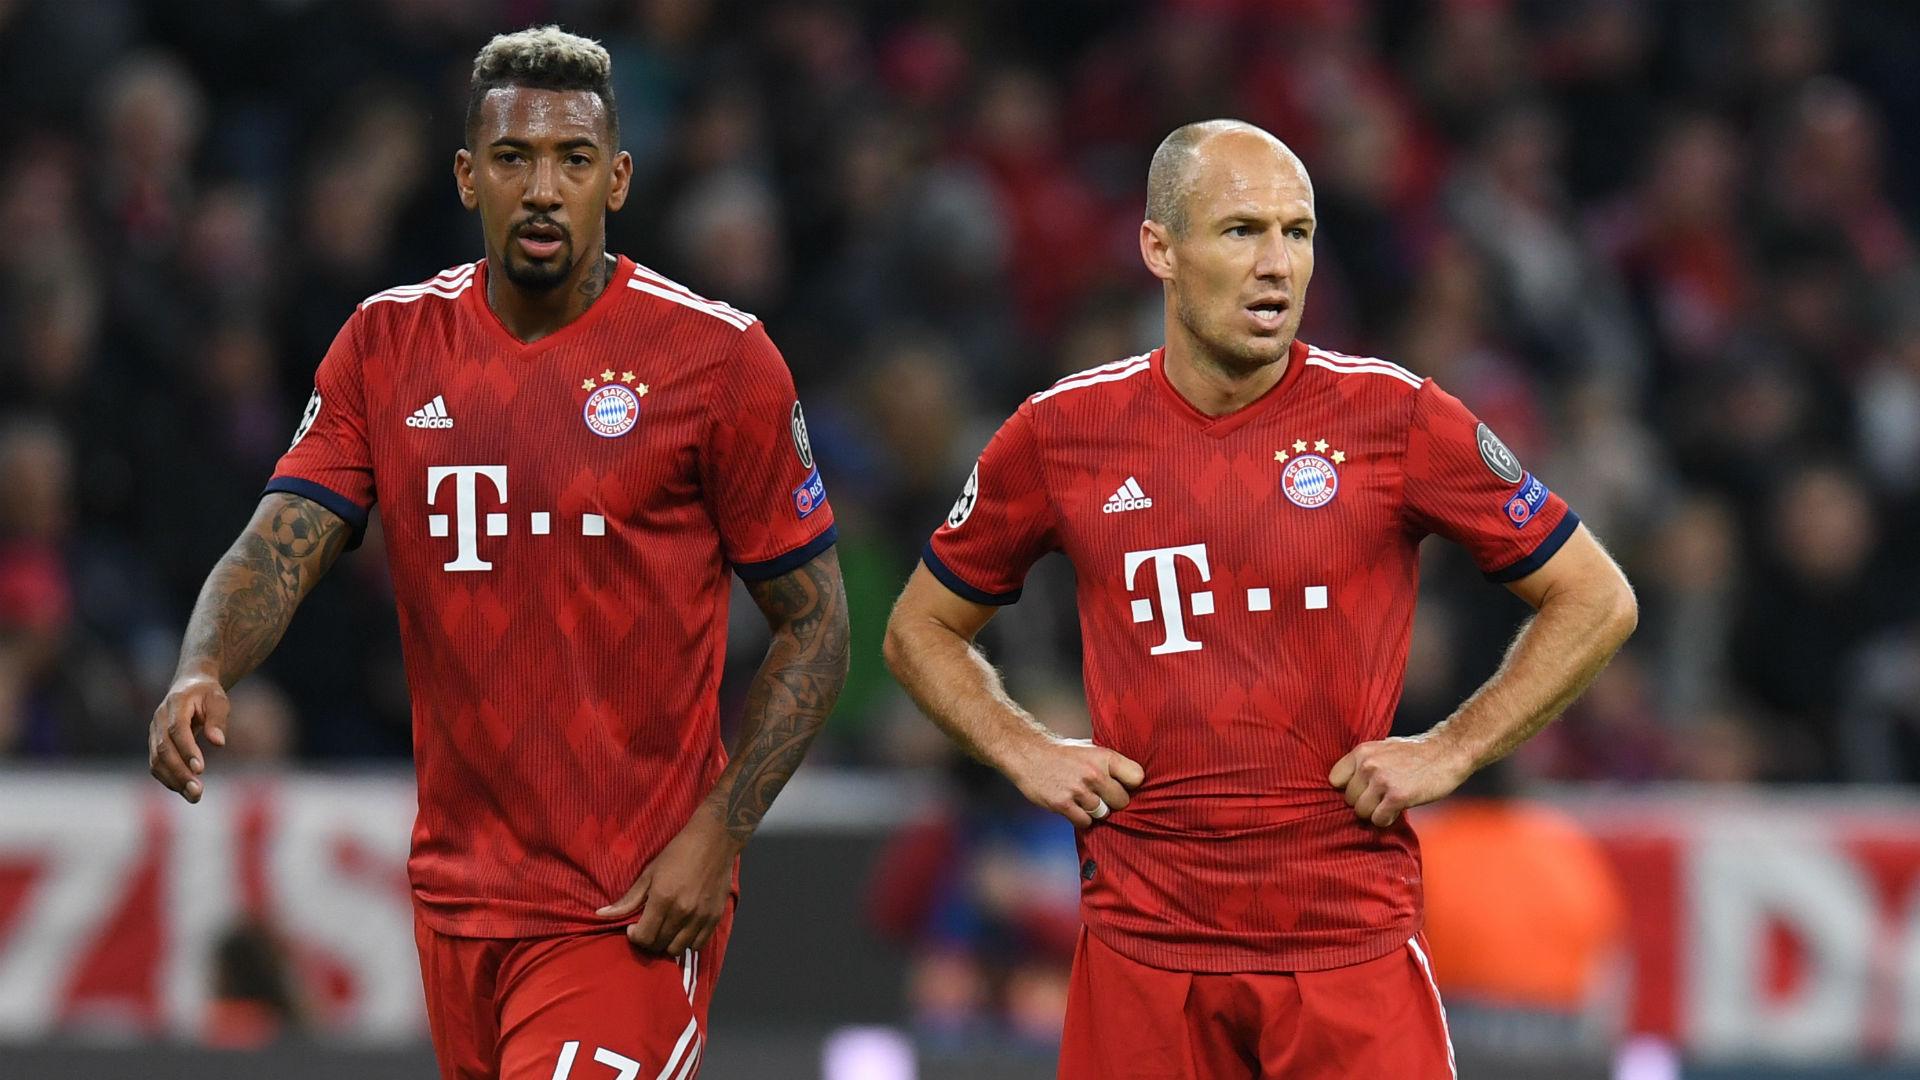 Lịch thi đấu vòng 8 Bundesliga mùa giải 2018/19